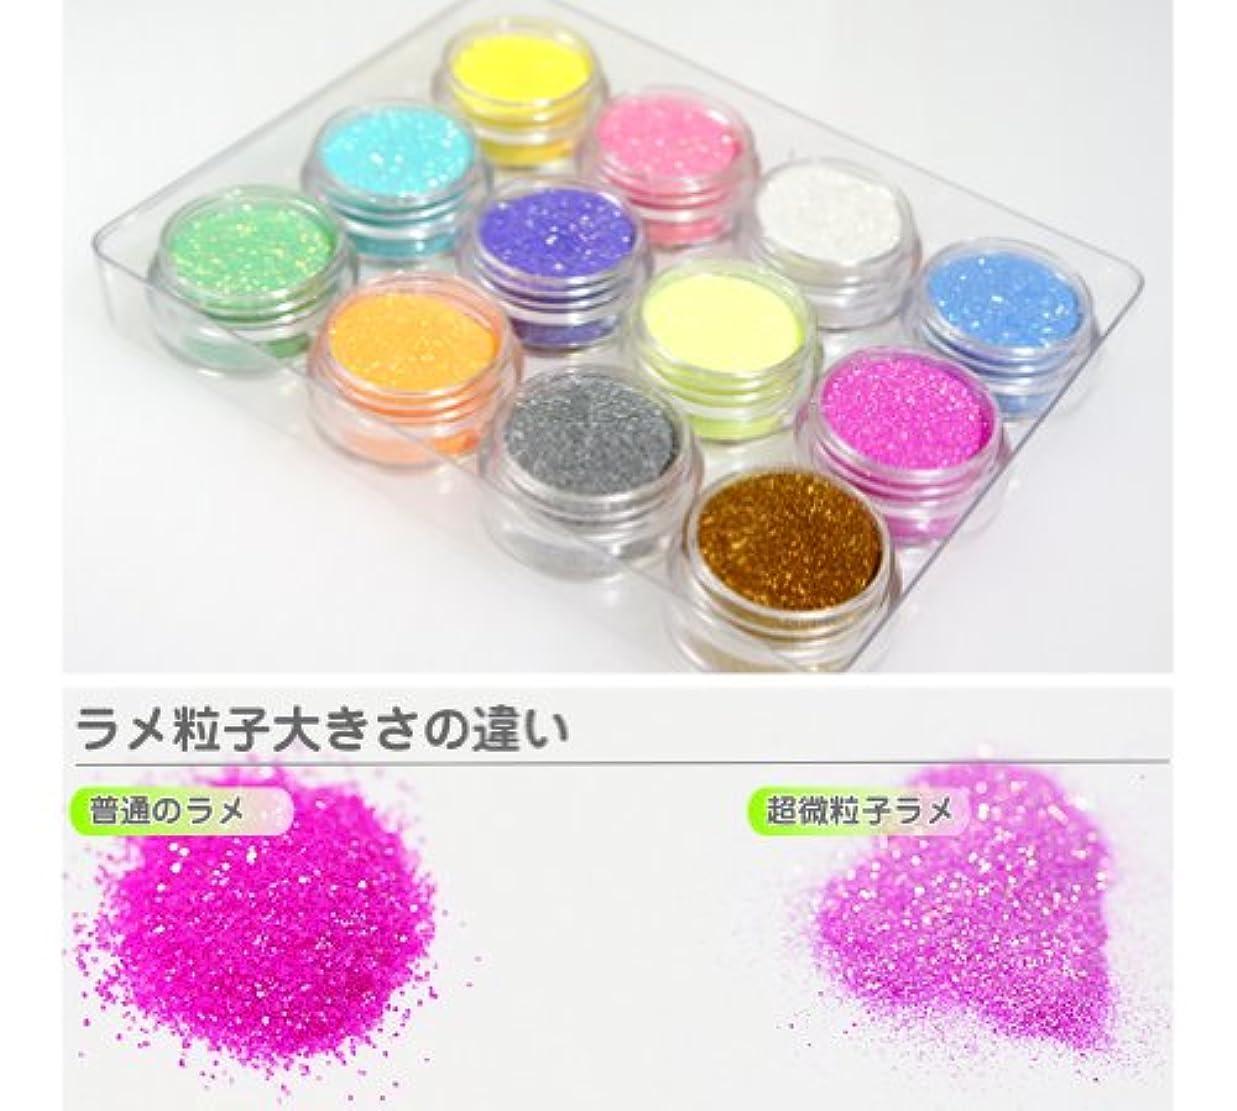 平らなインディカ同意するネオコレクションオリジナル☆超微粒子ラメパウダー0.1mm、砂のようにサラサラで抜群の発色 ジェルネイルアートに!